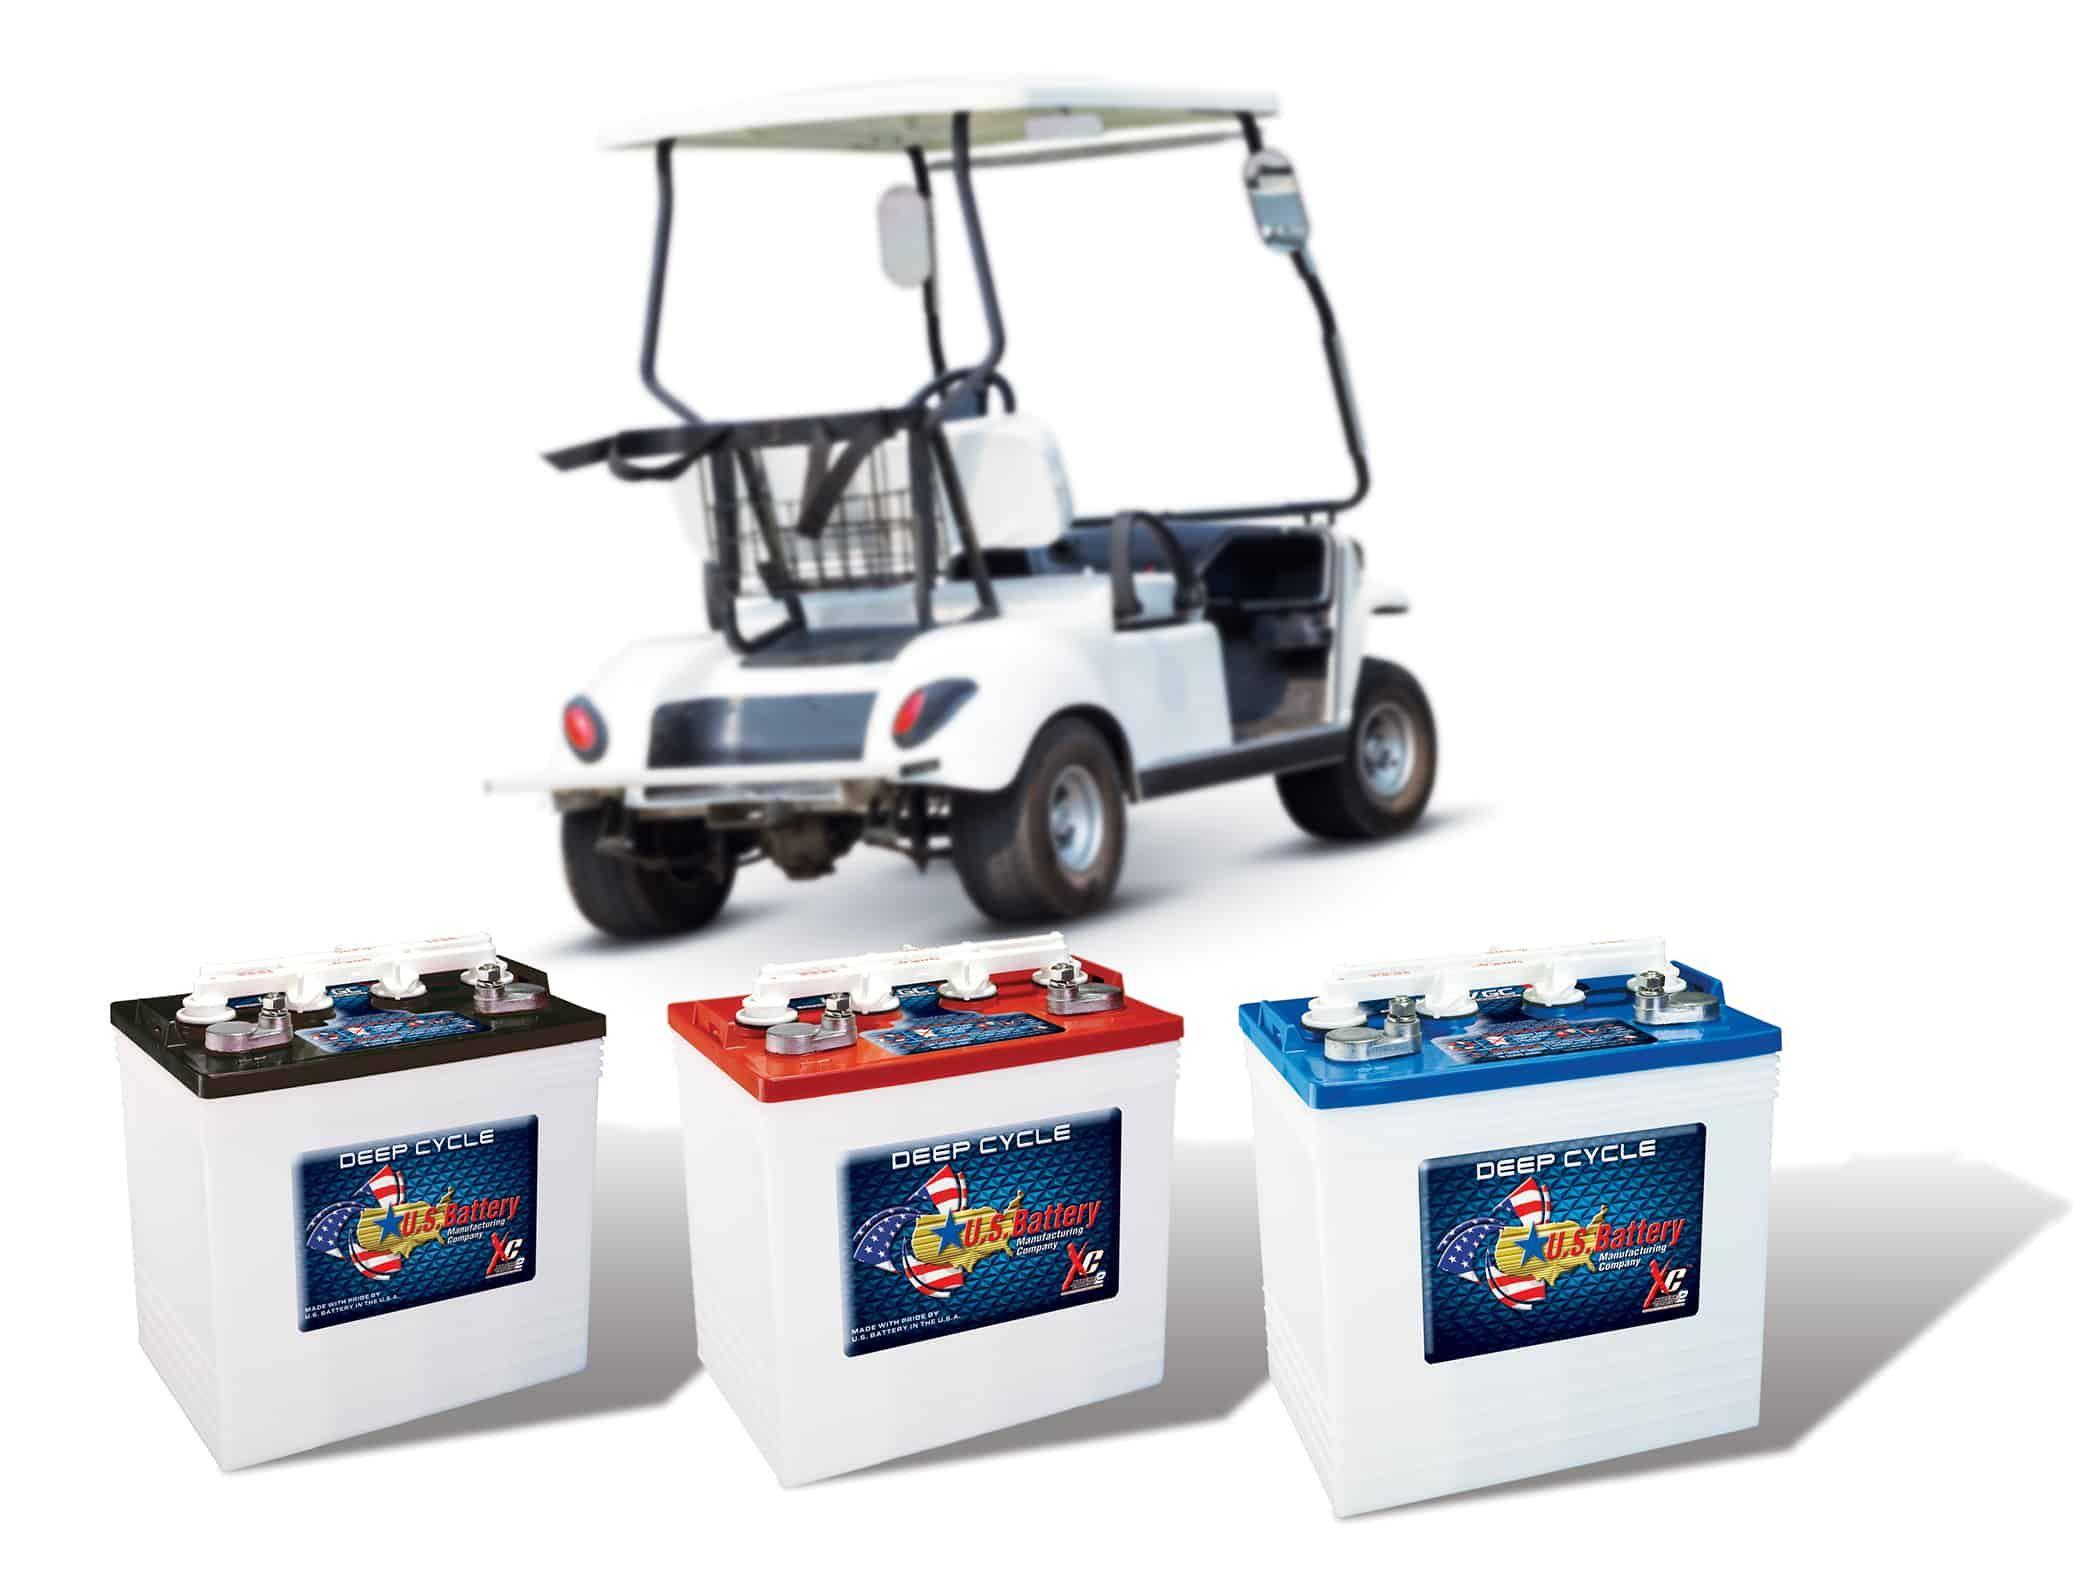 The Best 6 Volt Golf Cart Batterie Best Golf Cart Golf Cart Batteries Golf Carts